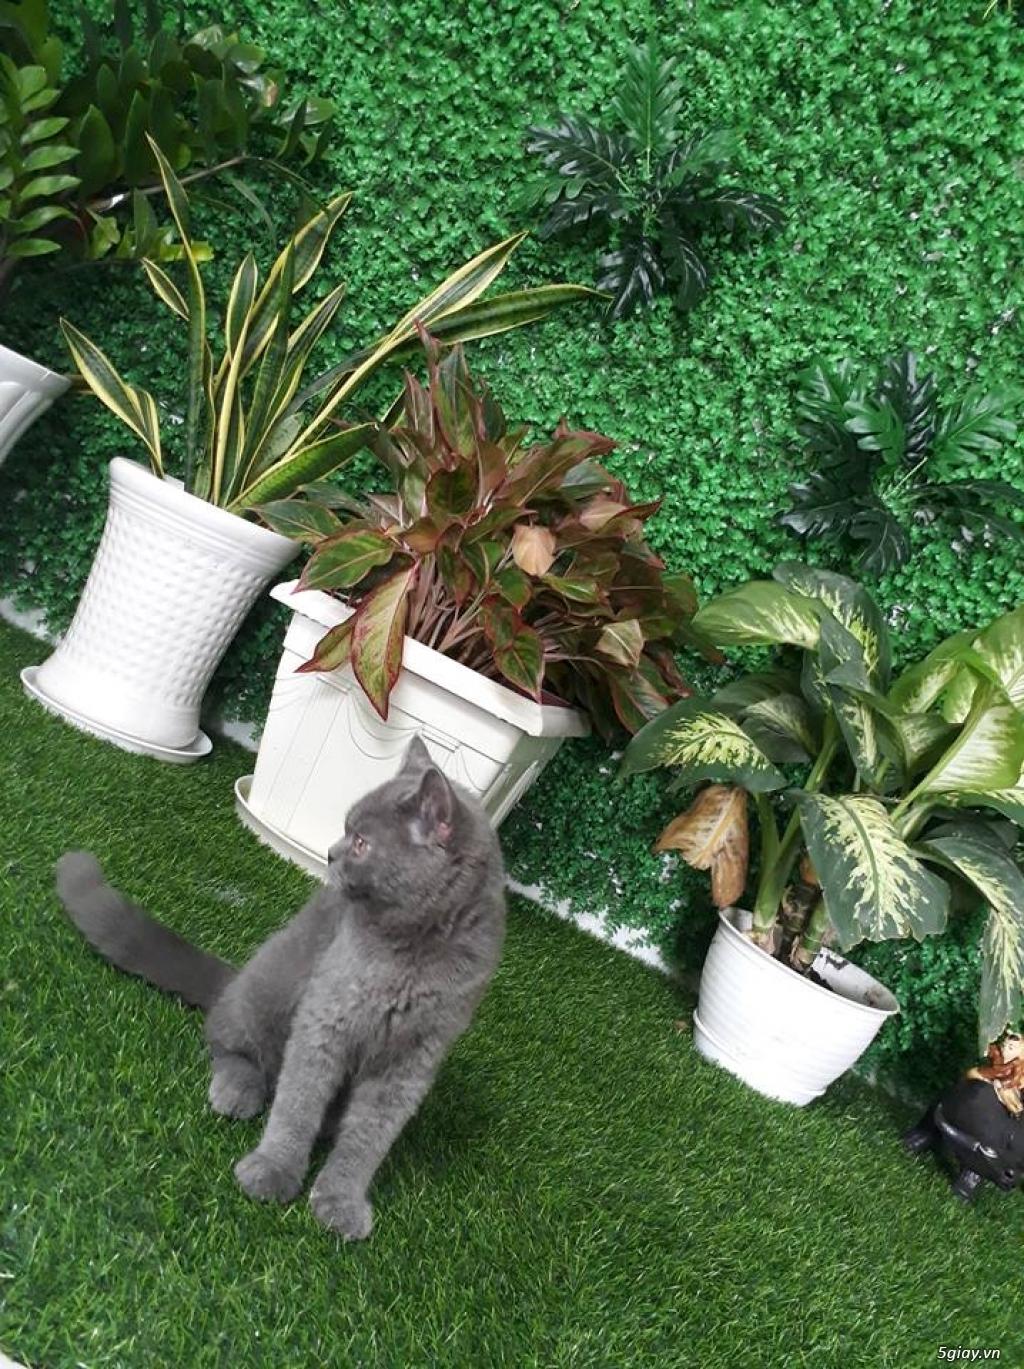 Bán 1 Pé Mèo ALN Xám Xanh 4 tháng tuổi hàng chuẩn cực cute giá tốt - 1